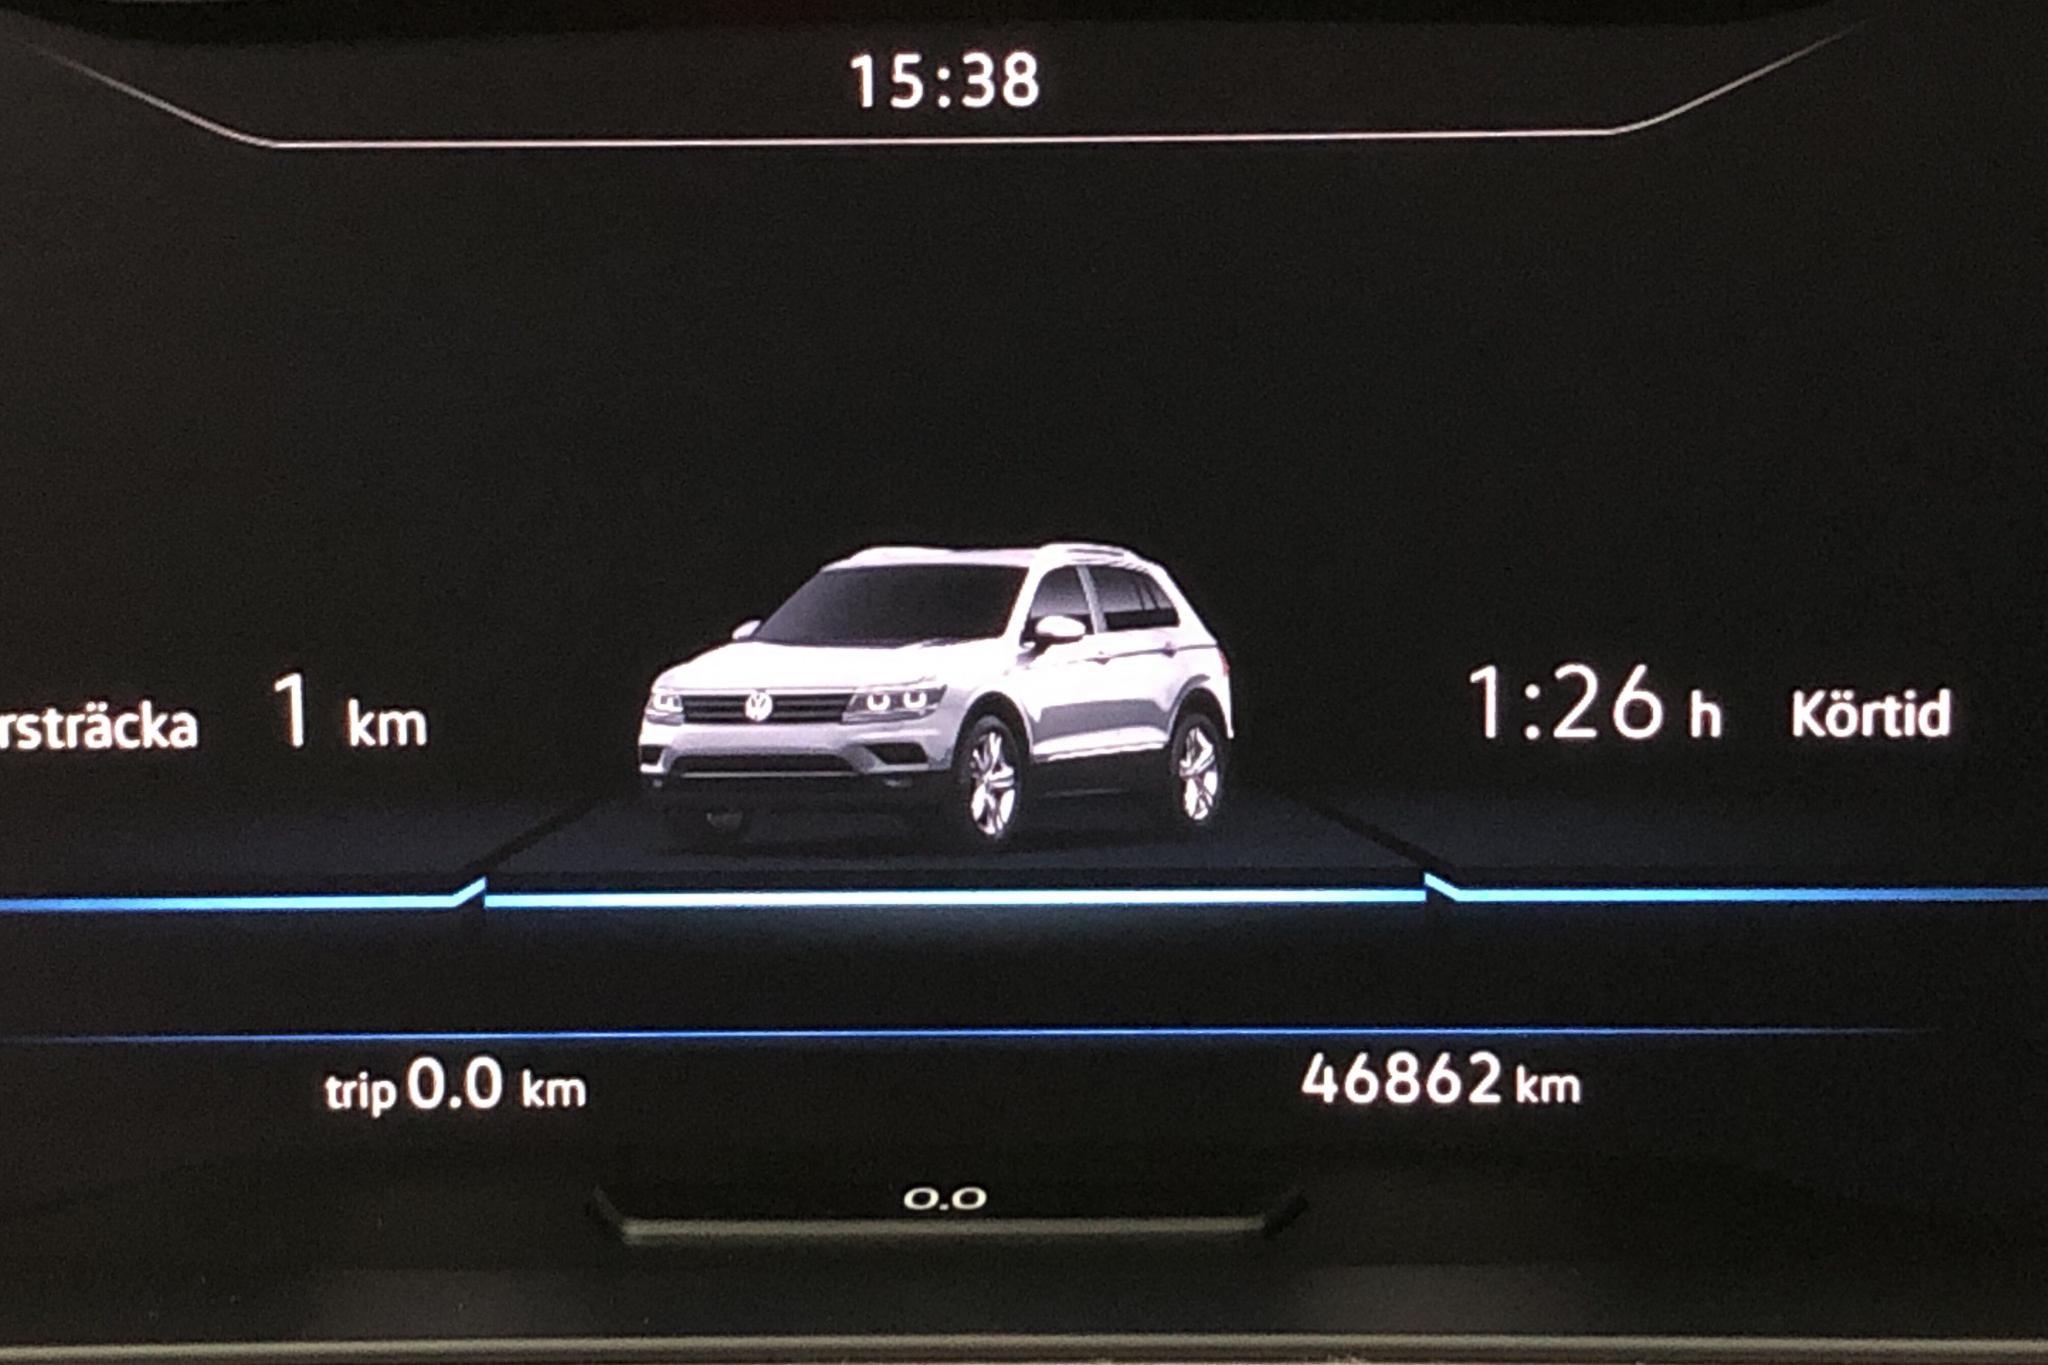 VW Tiguan 2.0 TDI 4MOTION (190hk) - 46 860 km - Automatic - white - 2018